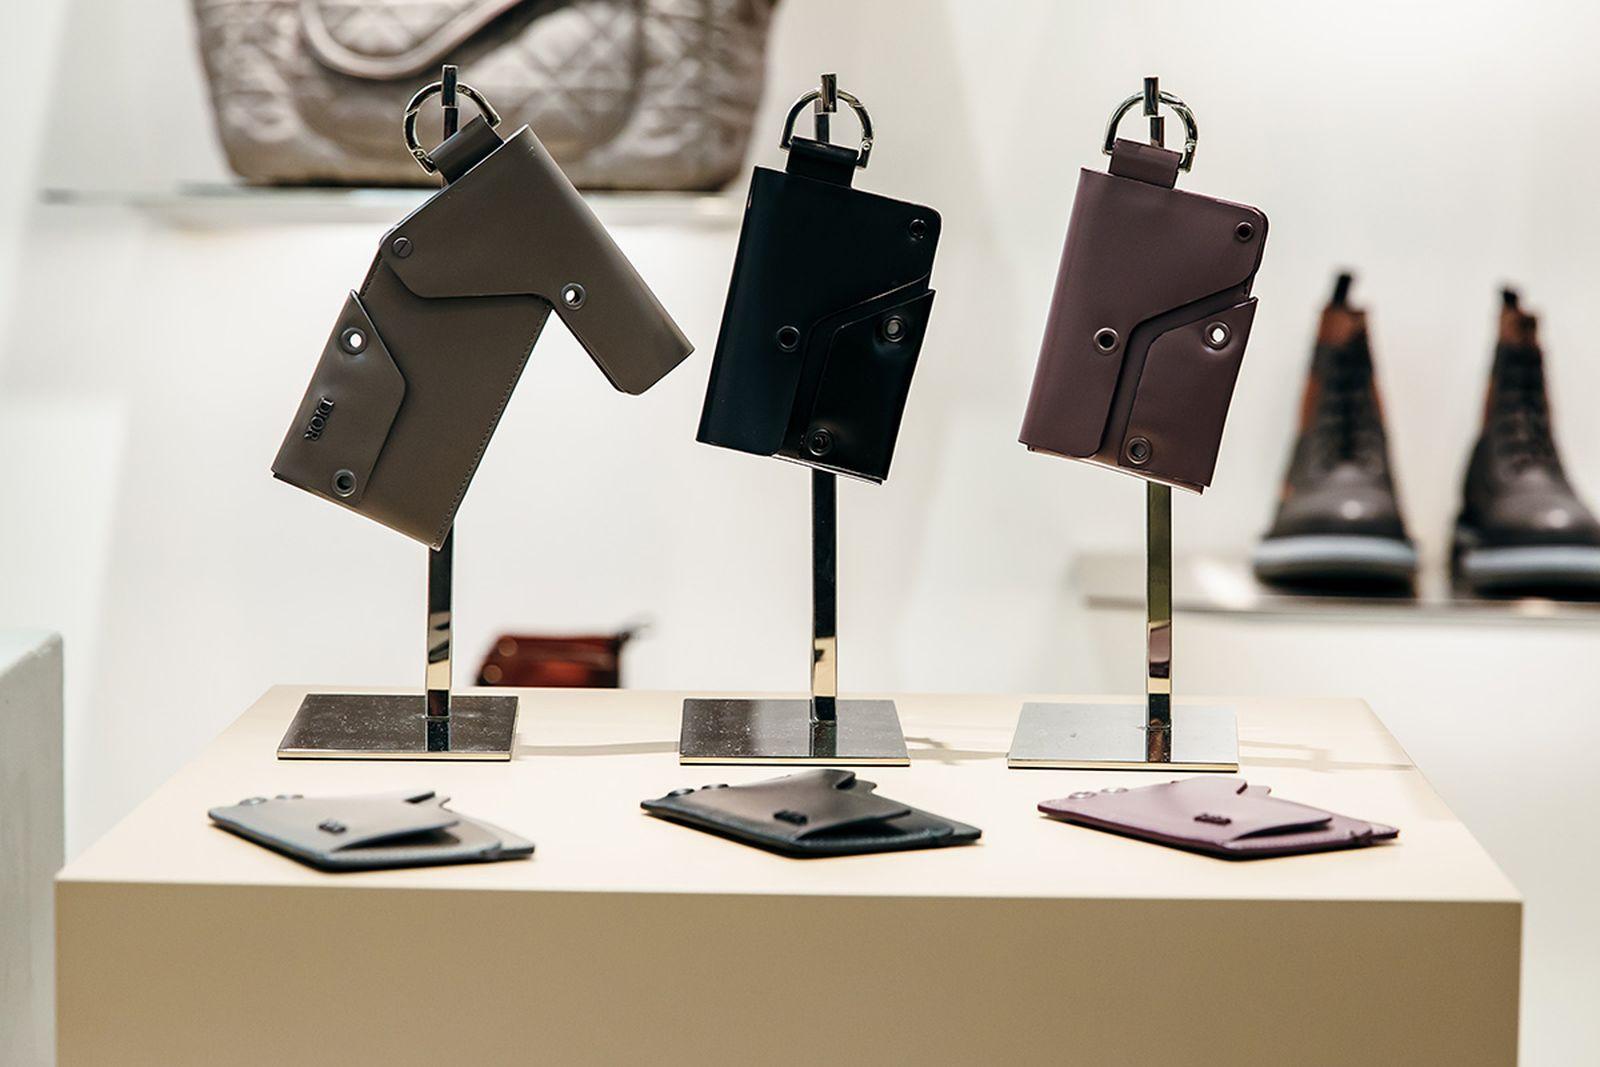 luxury headphones trend 2019 Berluti Juul Louis Vuitton